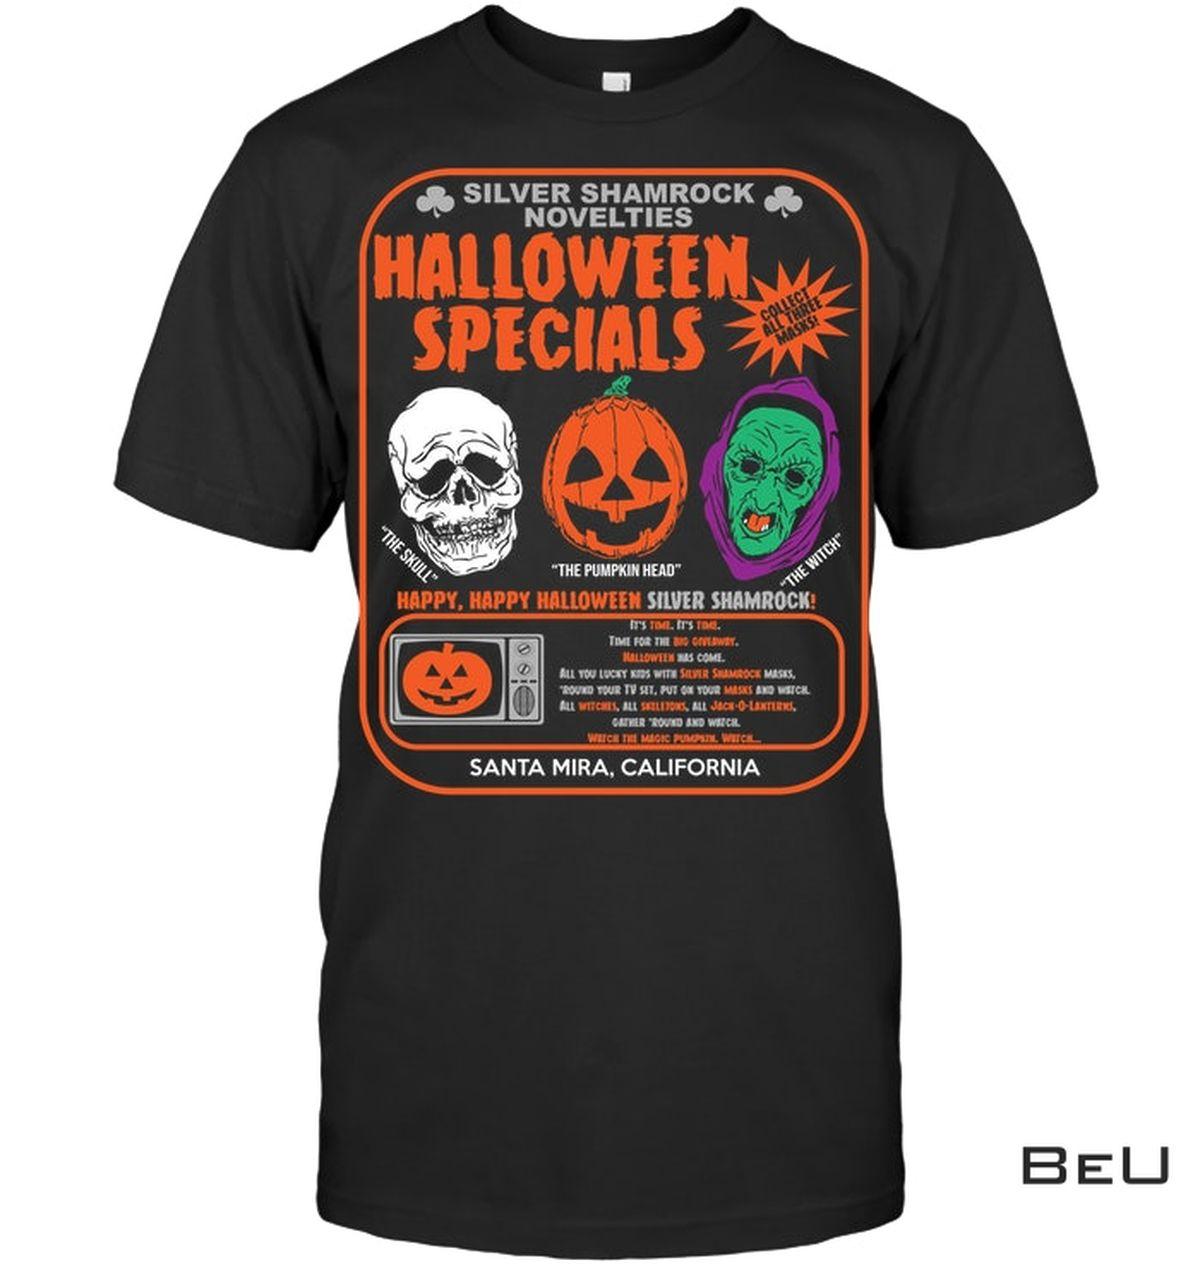 Silver Shamrock Novelties Halloween Specials Shirt